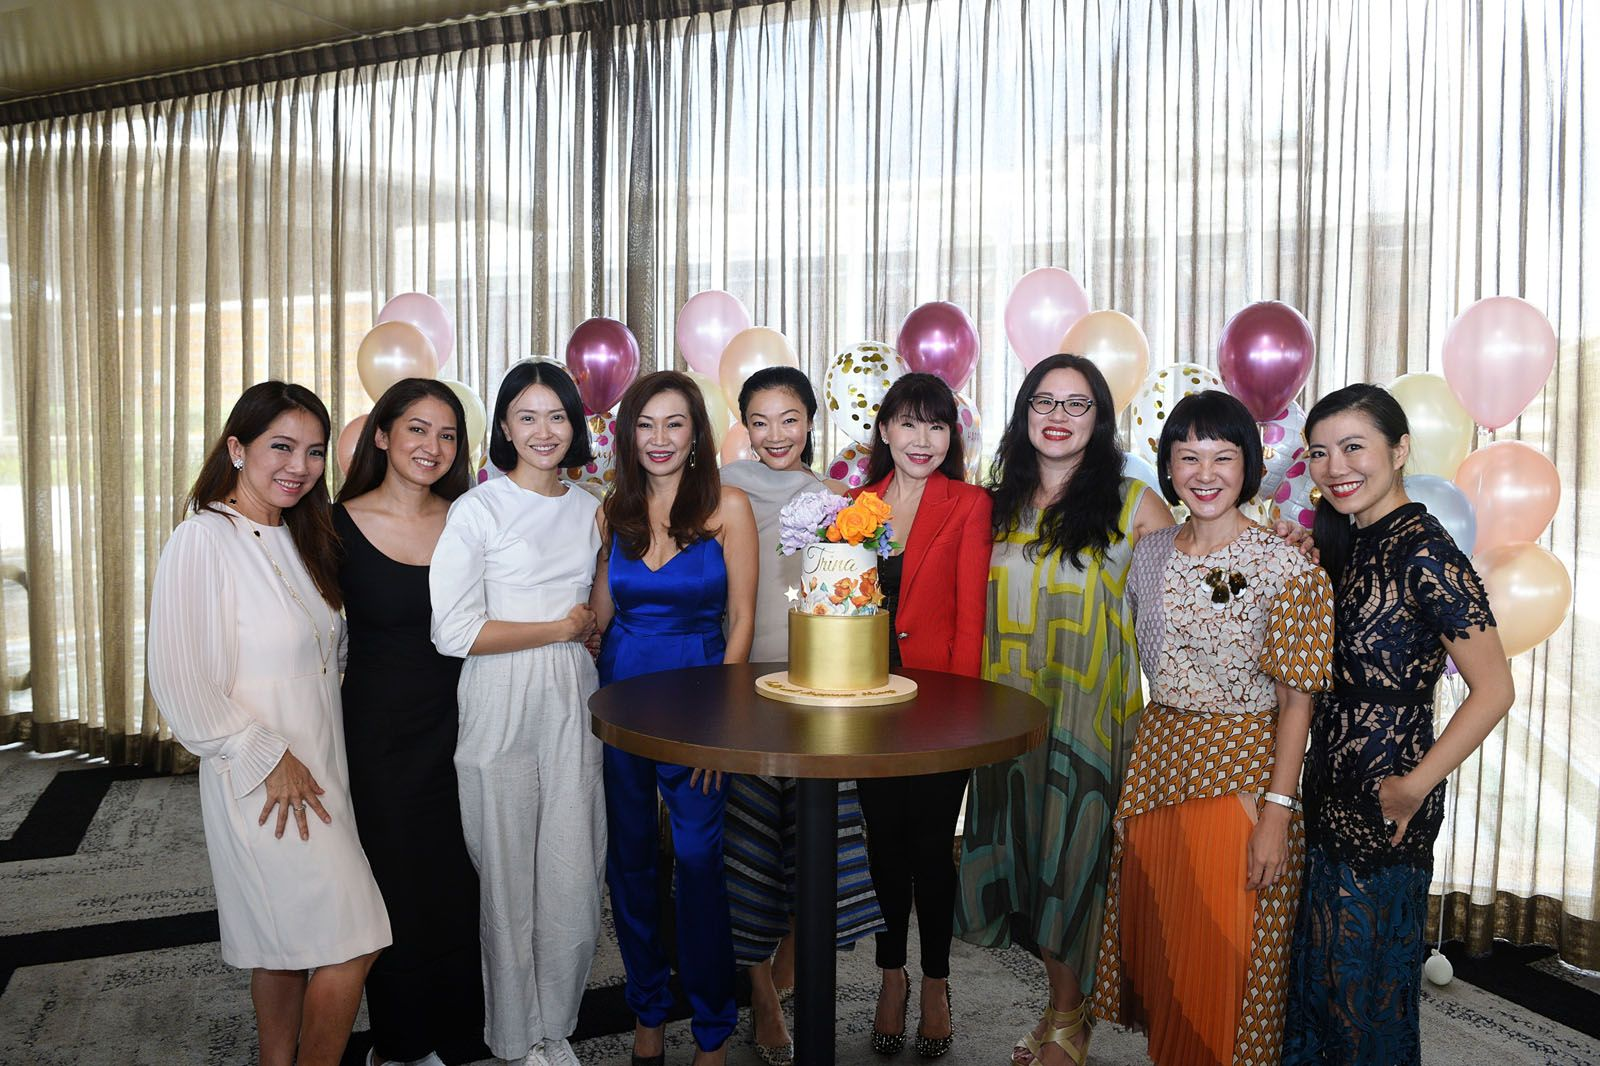 Tan Sushan, Priscilla Shunmugam, Dawn Ng, Trina Liang-Lin, Maisy Koh, Diane Palmer, Valerie Ong, Janice Koh, Jaelle Ang